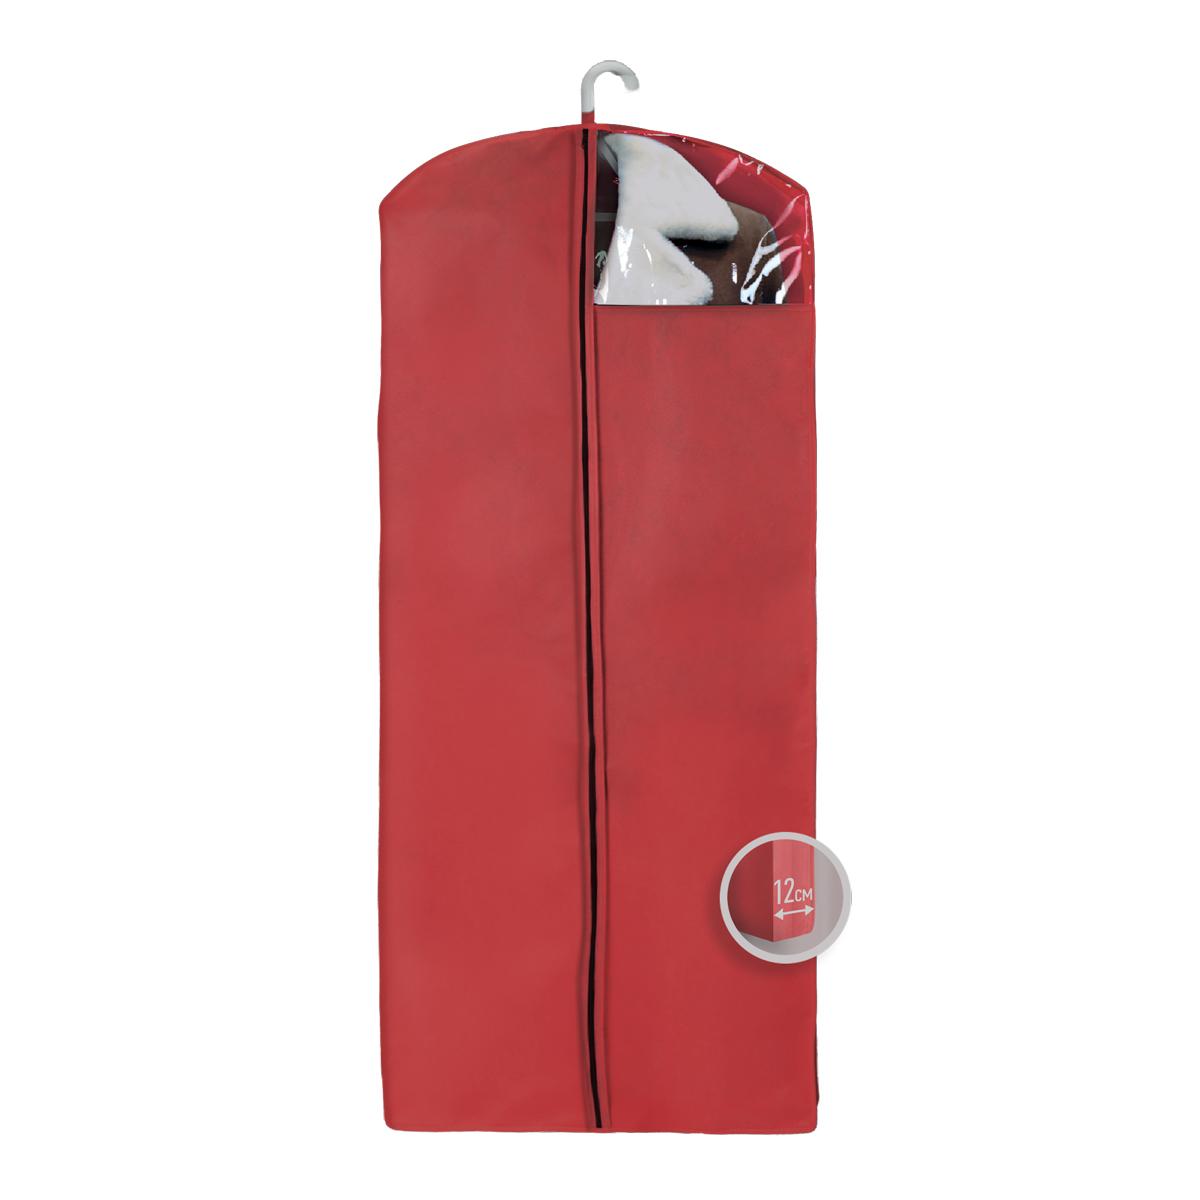 Чехол для верхней одежды Miolla, с окошком, цвет: бордовый, 140 х 60 х 12 смCHL-4-5Чехол для верхней одежды Miolla на застежке-молнии выполнен из высококачественного нетканого материала. Прозрачное полиэтиленовое окошко позволяет видеть содержимое чехла. Подходит для длительного хранения вещей. Чехол обеспечивает вашей одежде надежную защиту от влажности, повреждений и грязи при транспортировке, от запыления при хранении и проникновения моли. Чехол обладает водоотталкивающими свойствами, а также позволяет воздуху свободно поступать внутрь вещей, обеспечивая их кондиционирование. Это особенно важно при хранении кожаных и меховых изделий. Размер чехла: 140 х 60 х 12 см.